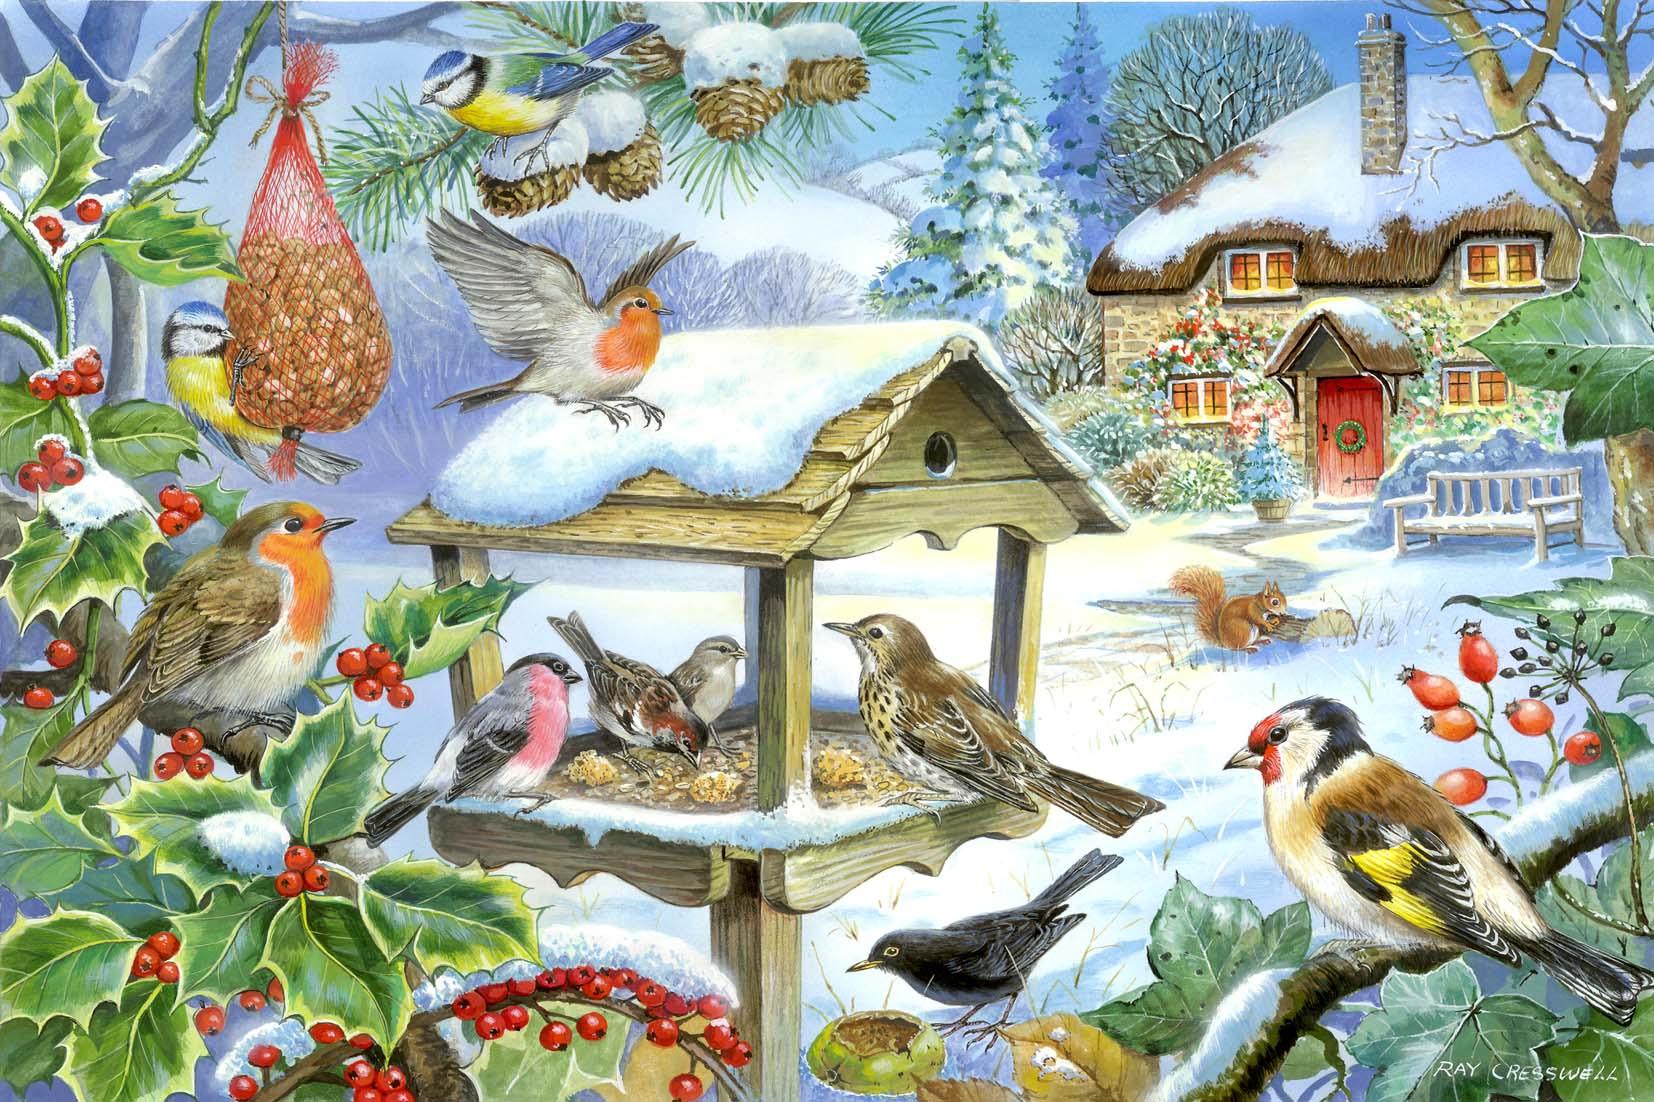 Зимой на ветках яблоки скорей их собери и вдруг вспорхнули яблоки да это